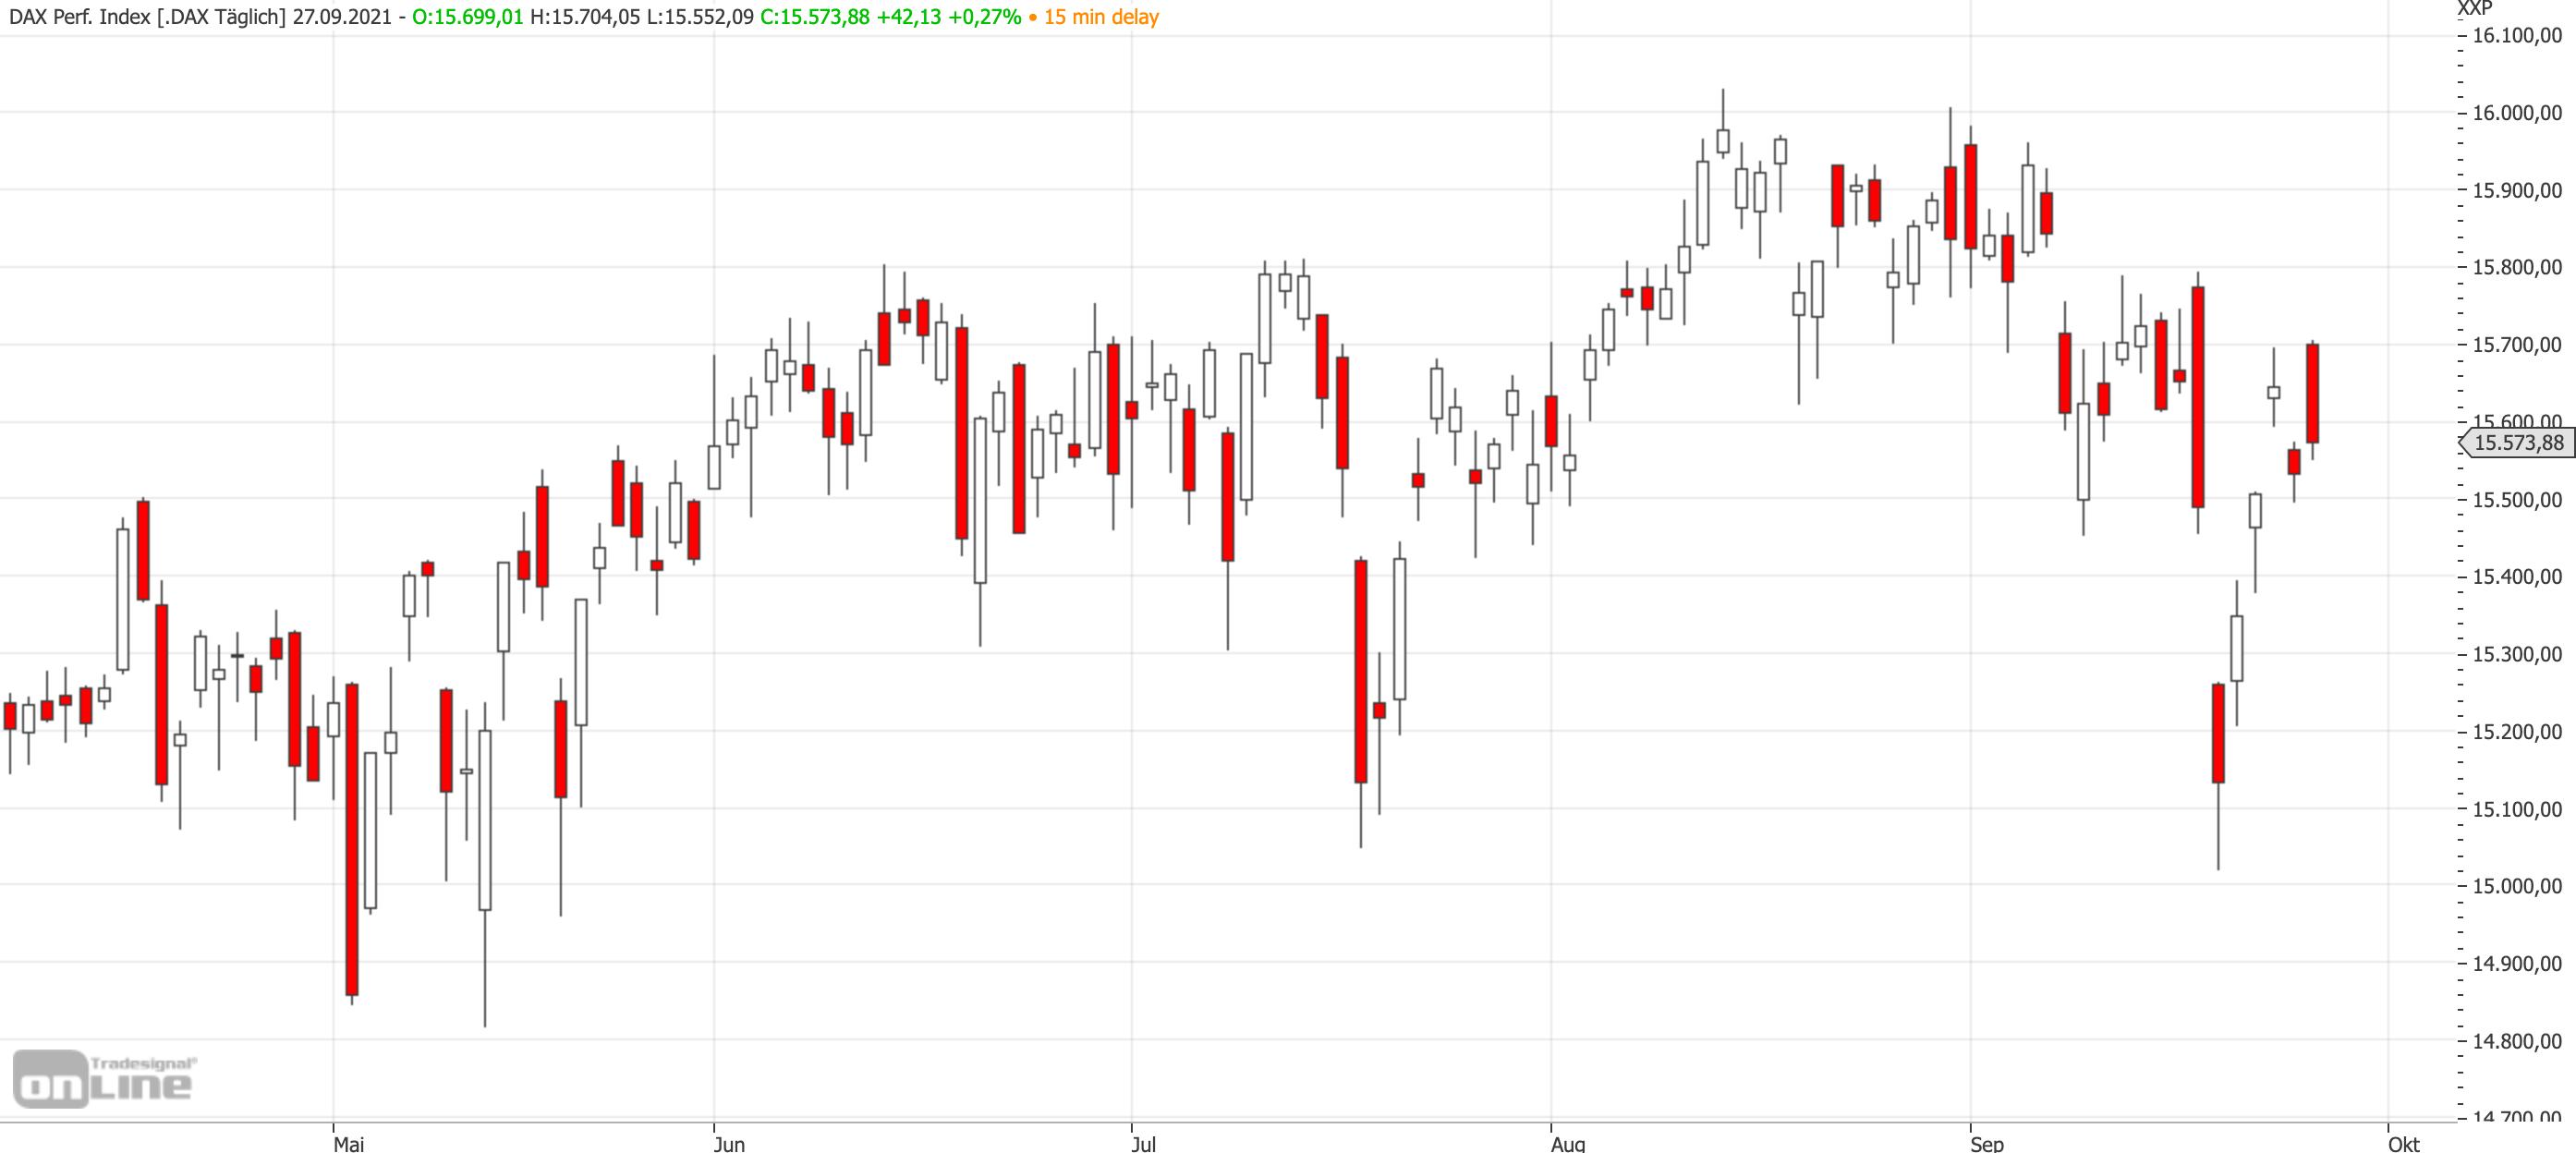 Mittelfristiger DAX-Chart bis zum 27.09.2021